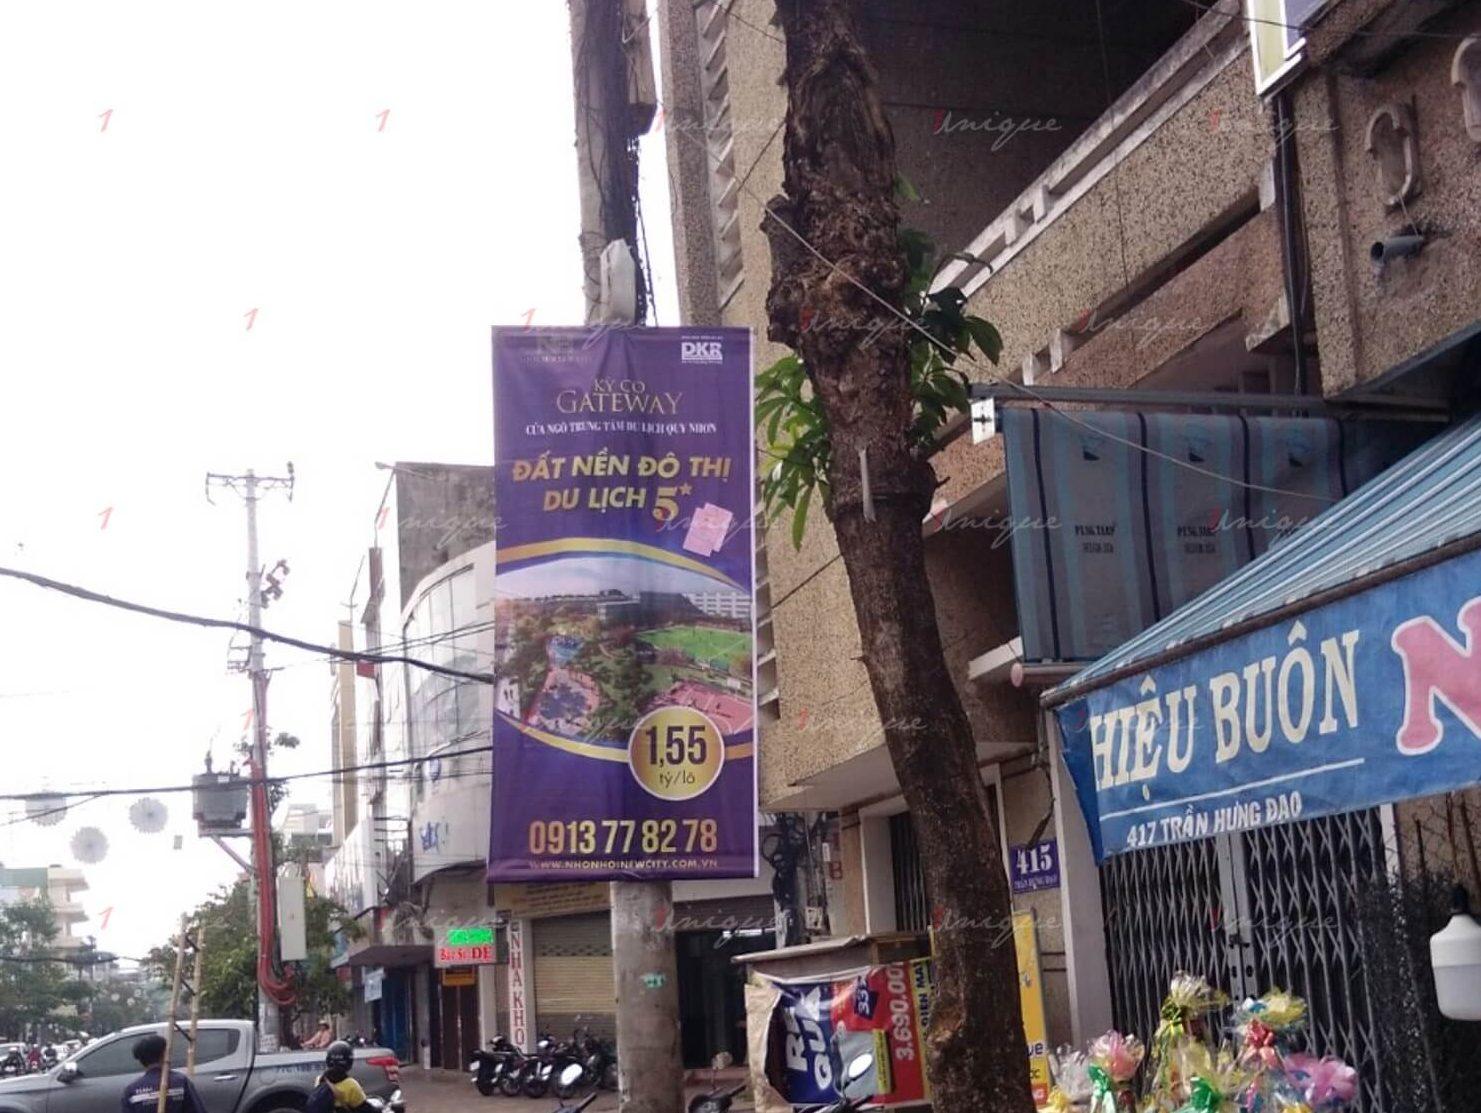 Báo giá quảng cáo treo banner, phướn ngoài trời